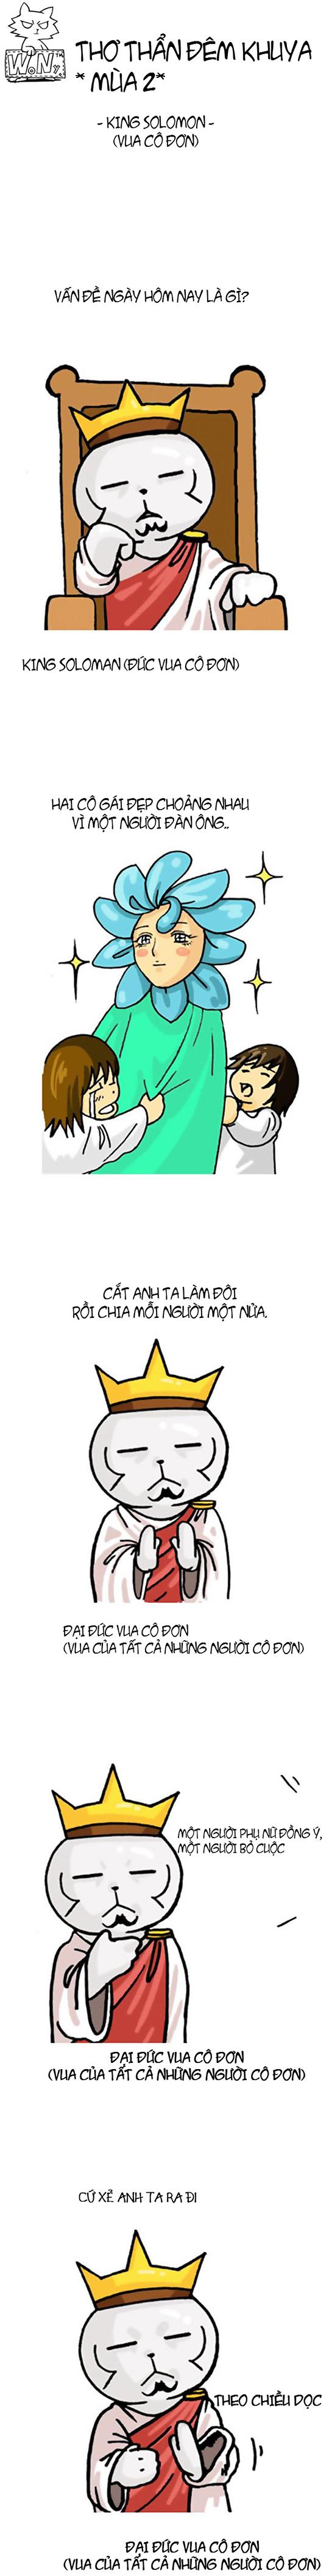 Thơ thẩn đêm khuya #43: Vua cô đơn